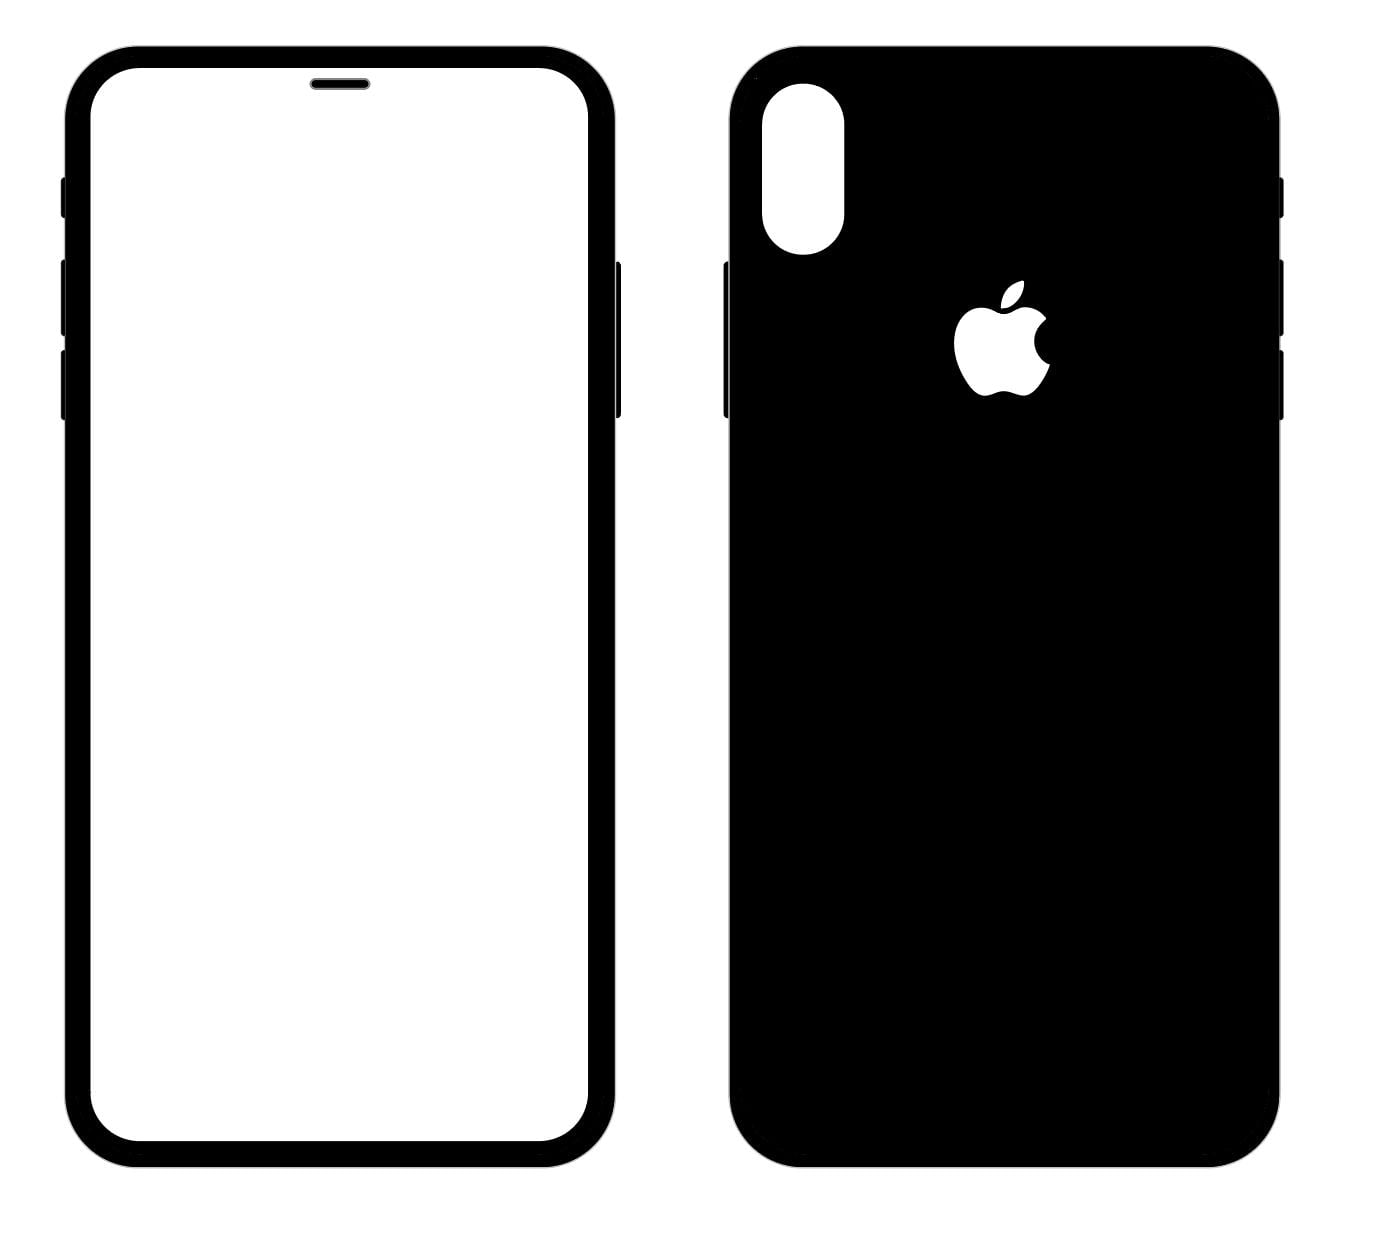 IPhone8 iPhoneX 03